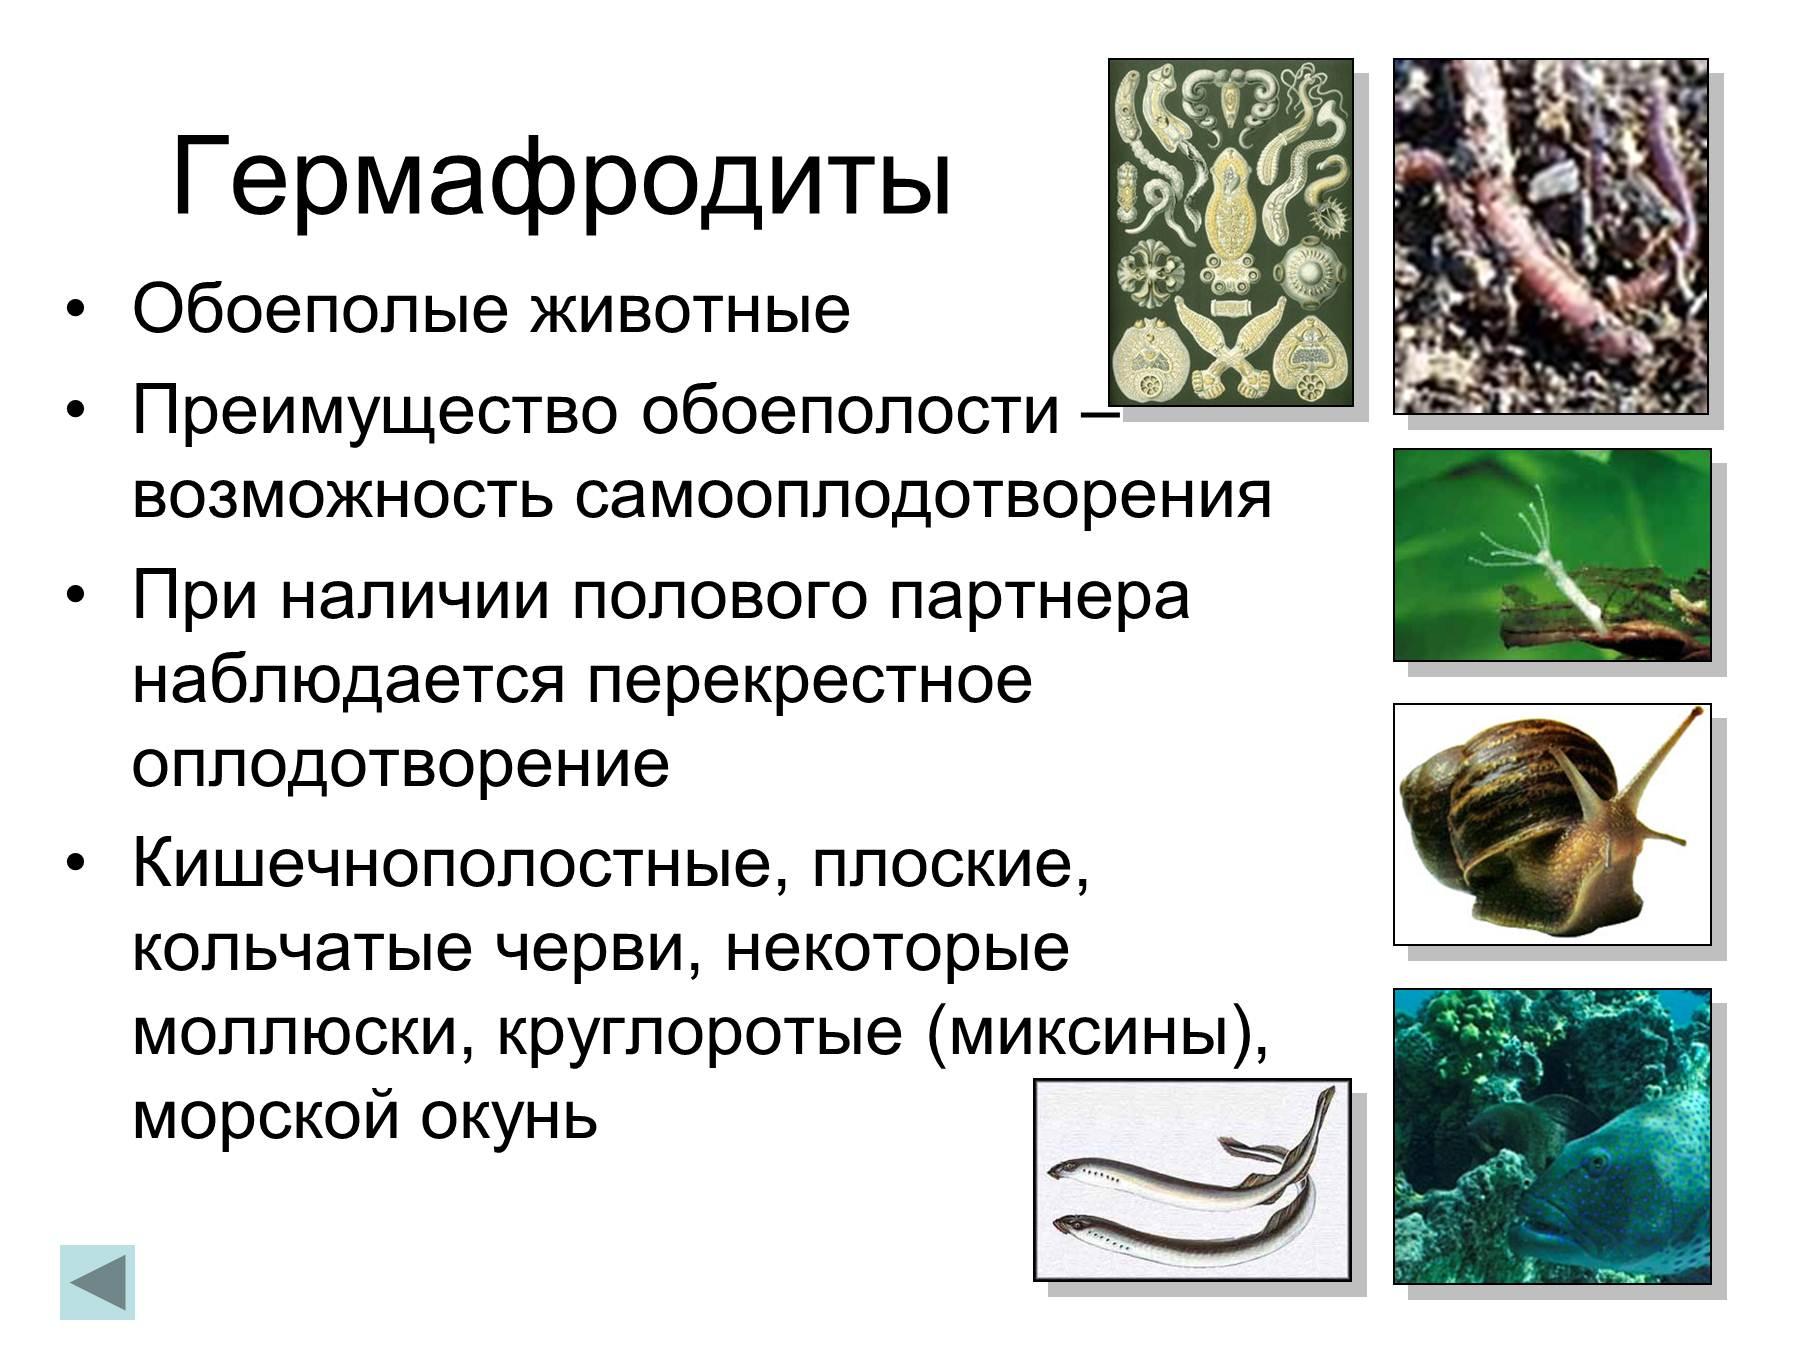 germafroditami-nazivayutsya